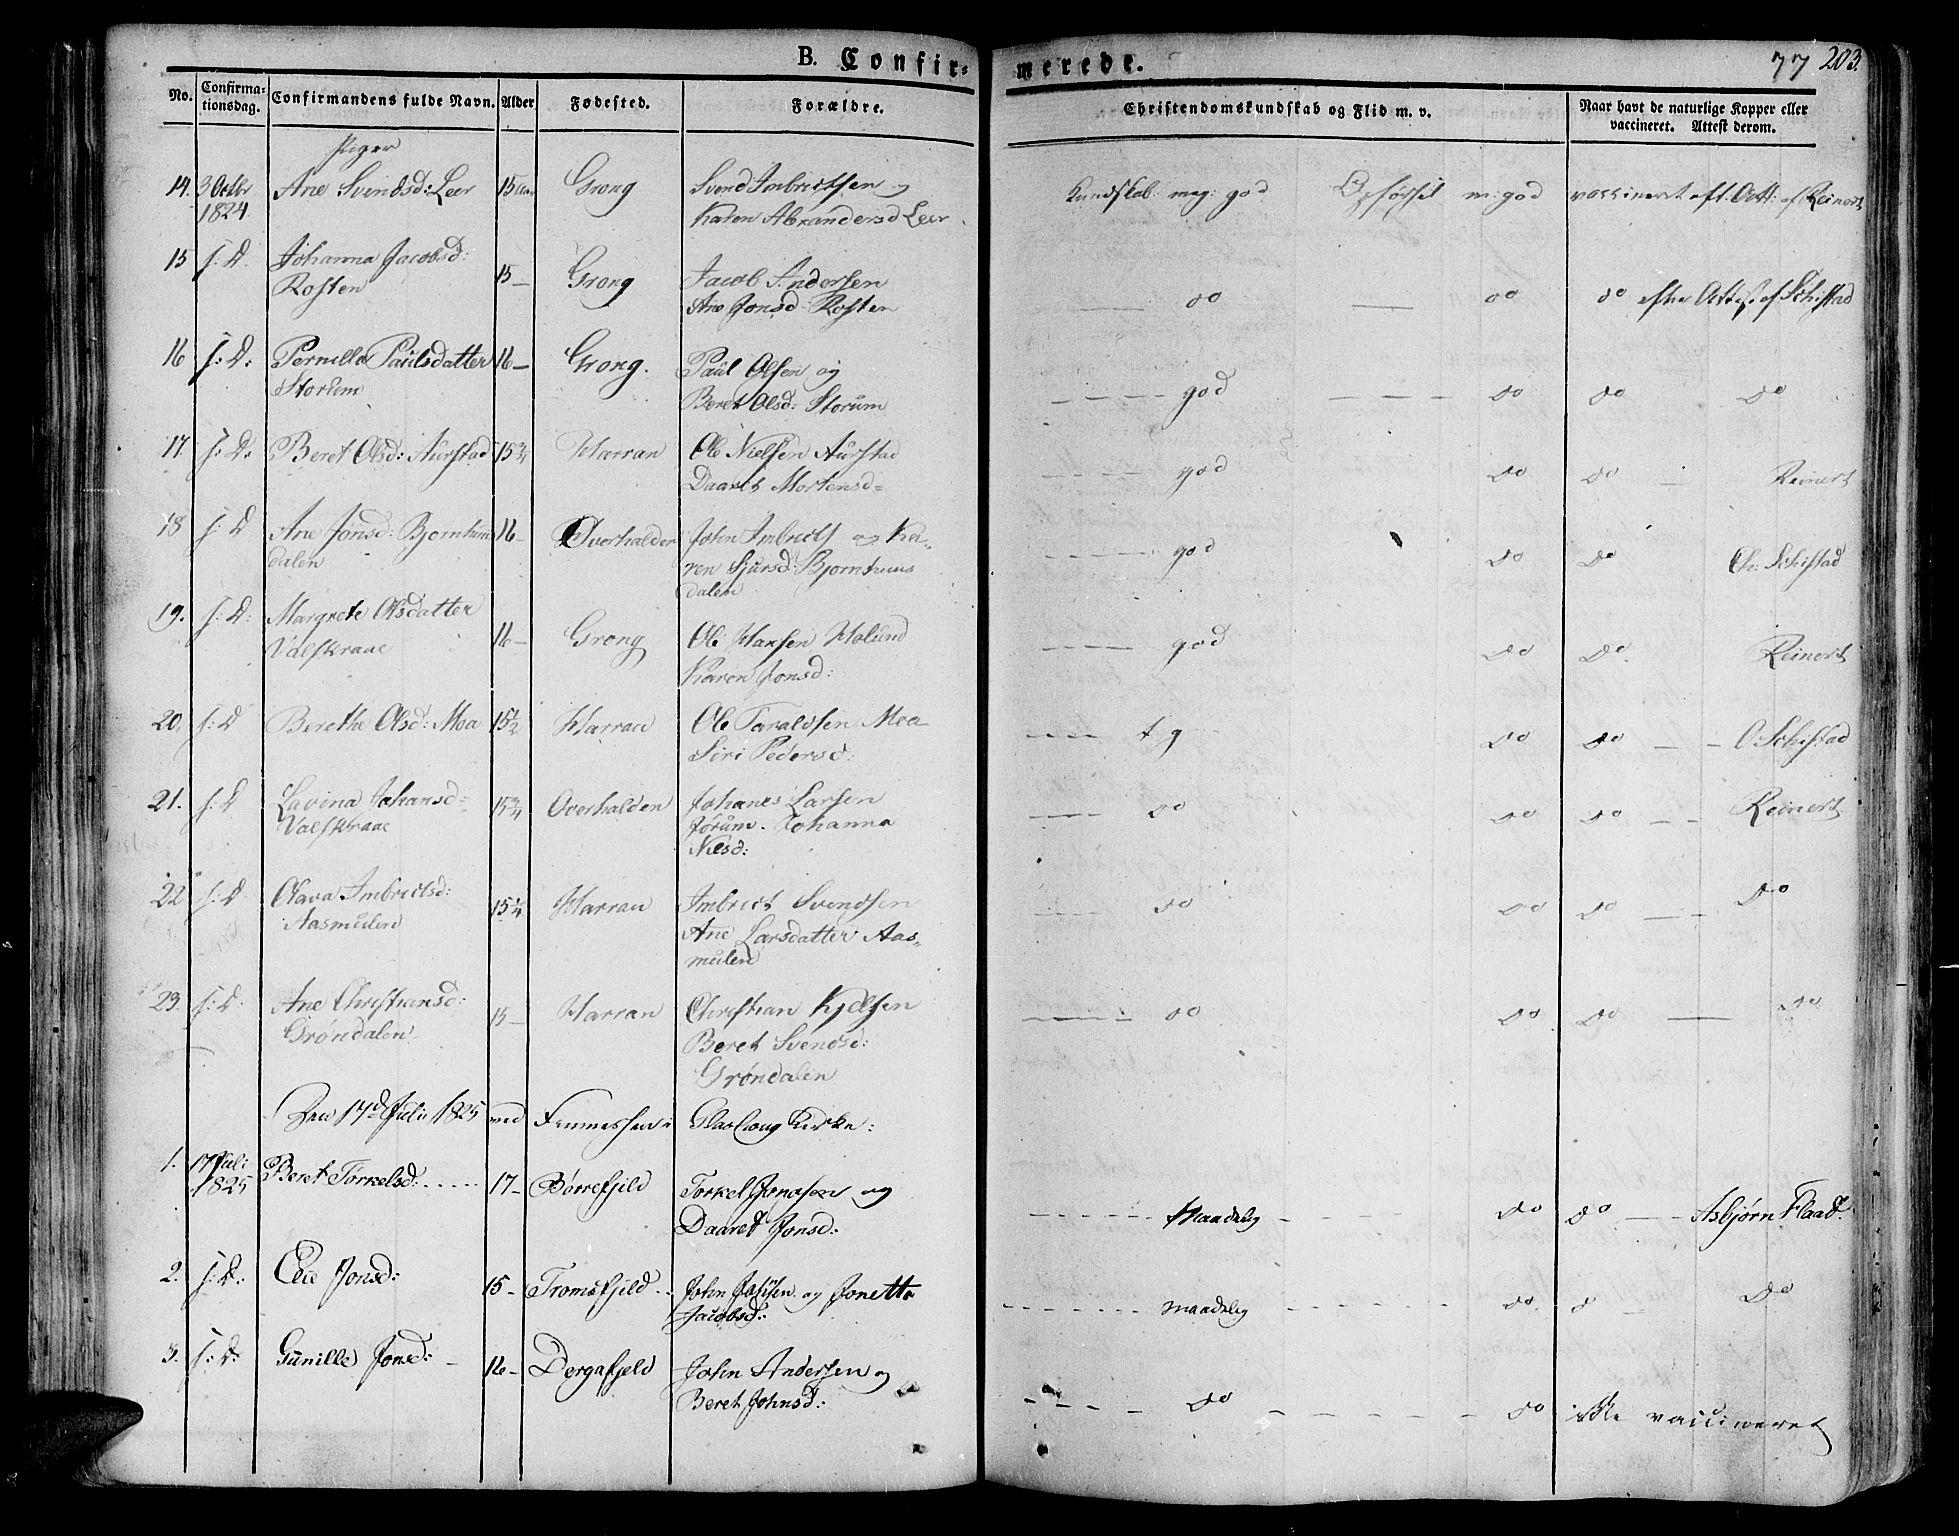 SAT, Ministerialprotokoller, klokkerbøker og fødselsregistre - Nord-Trøndelag, 758/L0510: Ministerialbok nr. 758A01 /1, 1821-1841, s. 77